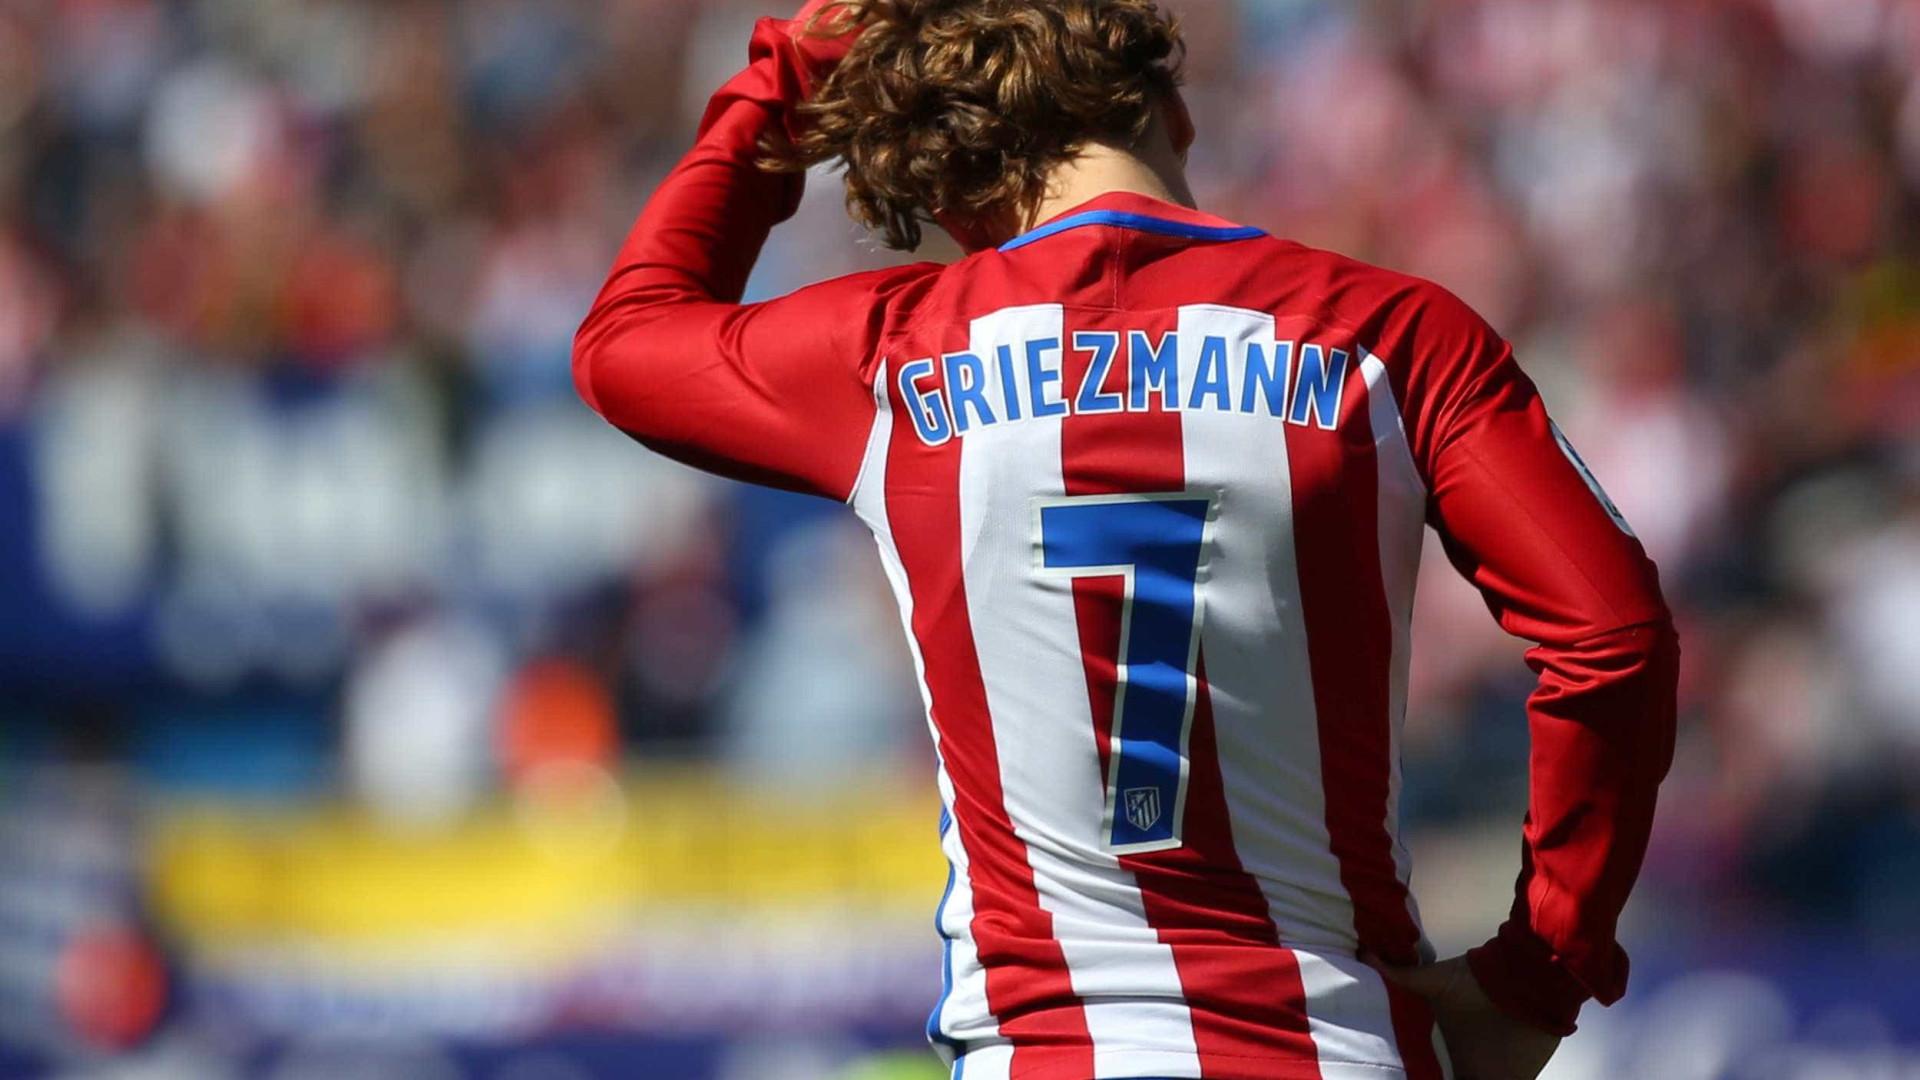 Griezmann e o telefonema a Mourinho: